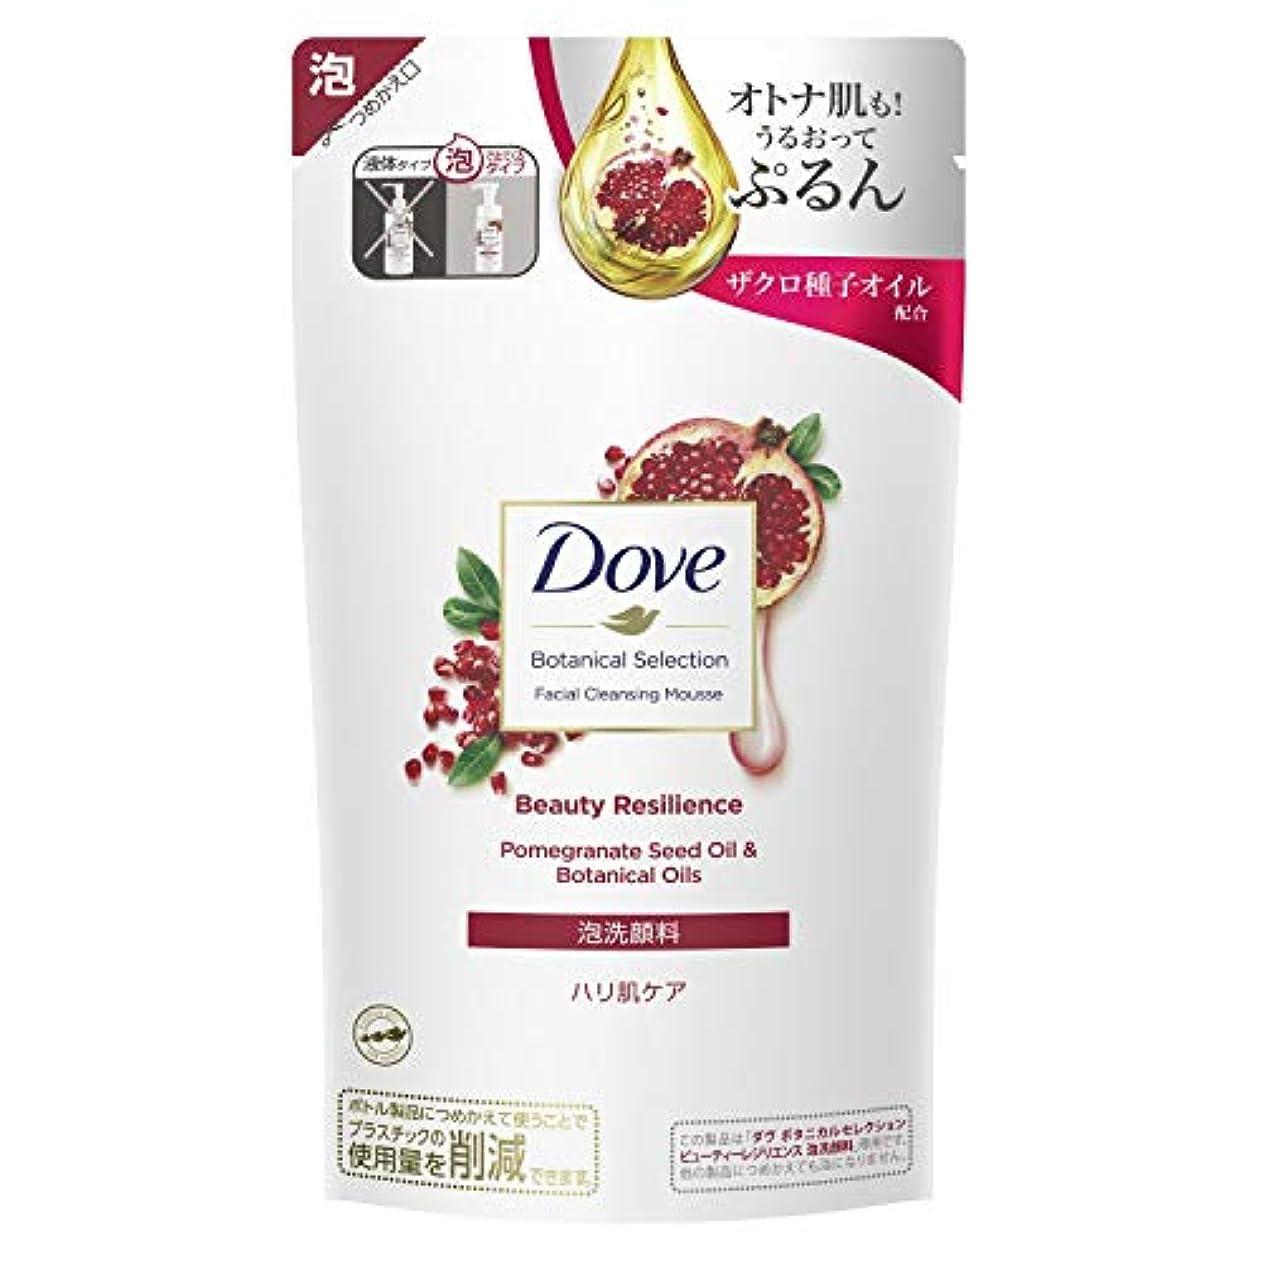 兵士肌調和のとれたDove(ダヴ) ダヴ ボタニカルセレクション ビューティーレジリエンス 泡洗顔料 つめかえ用 135mL